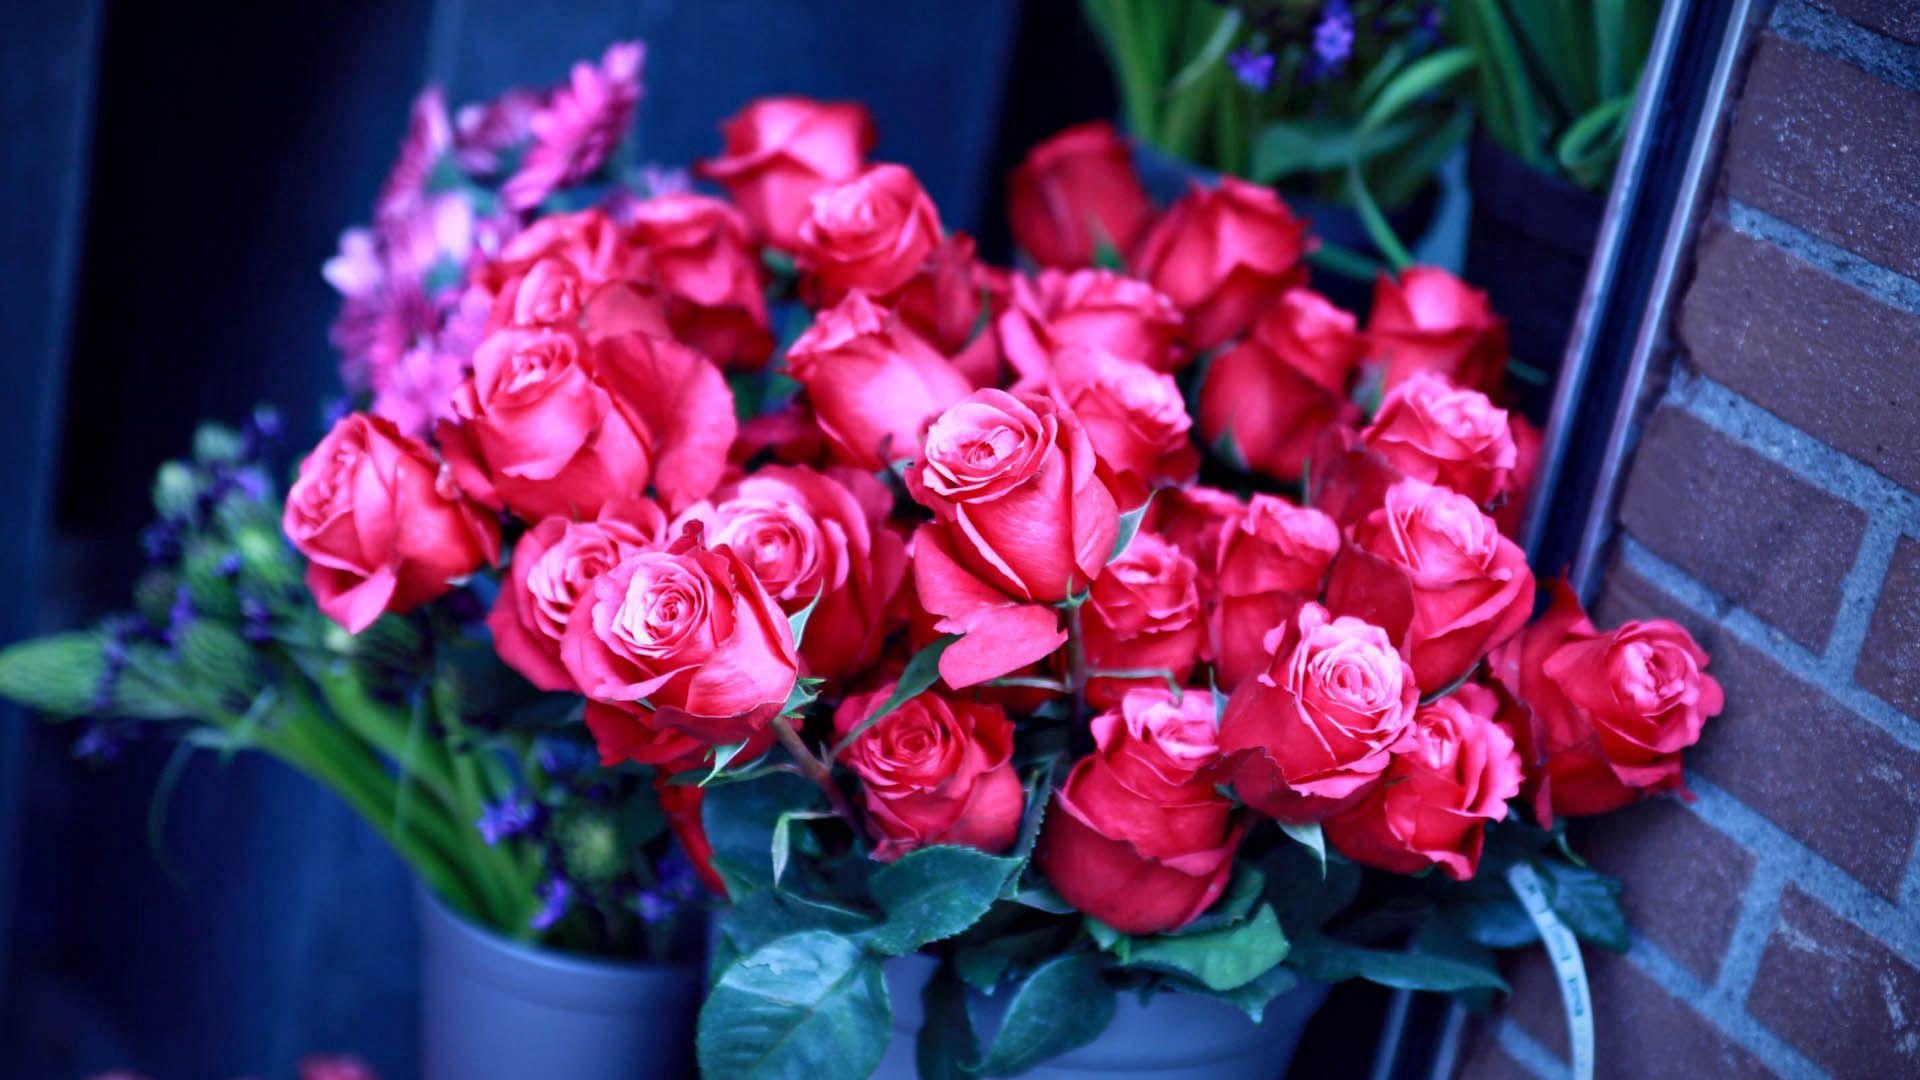 97236 скачать обои Розы, Цветы, Букет, Розовые - заставки и картинки бесплатно